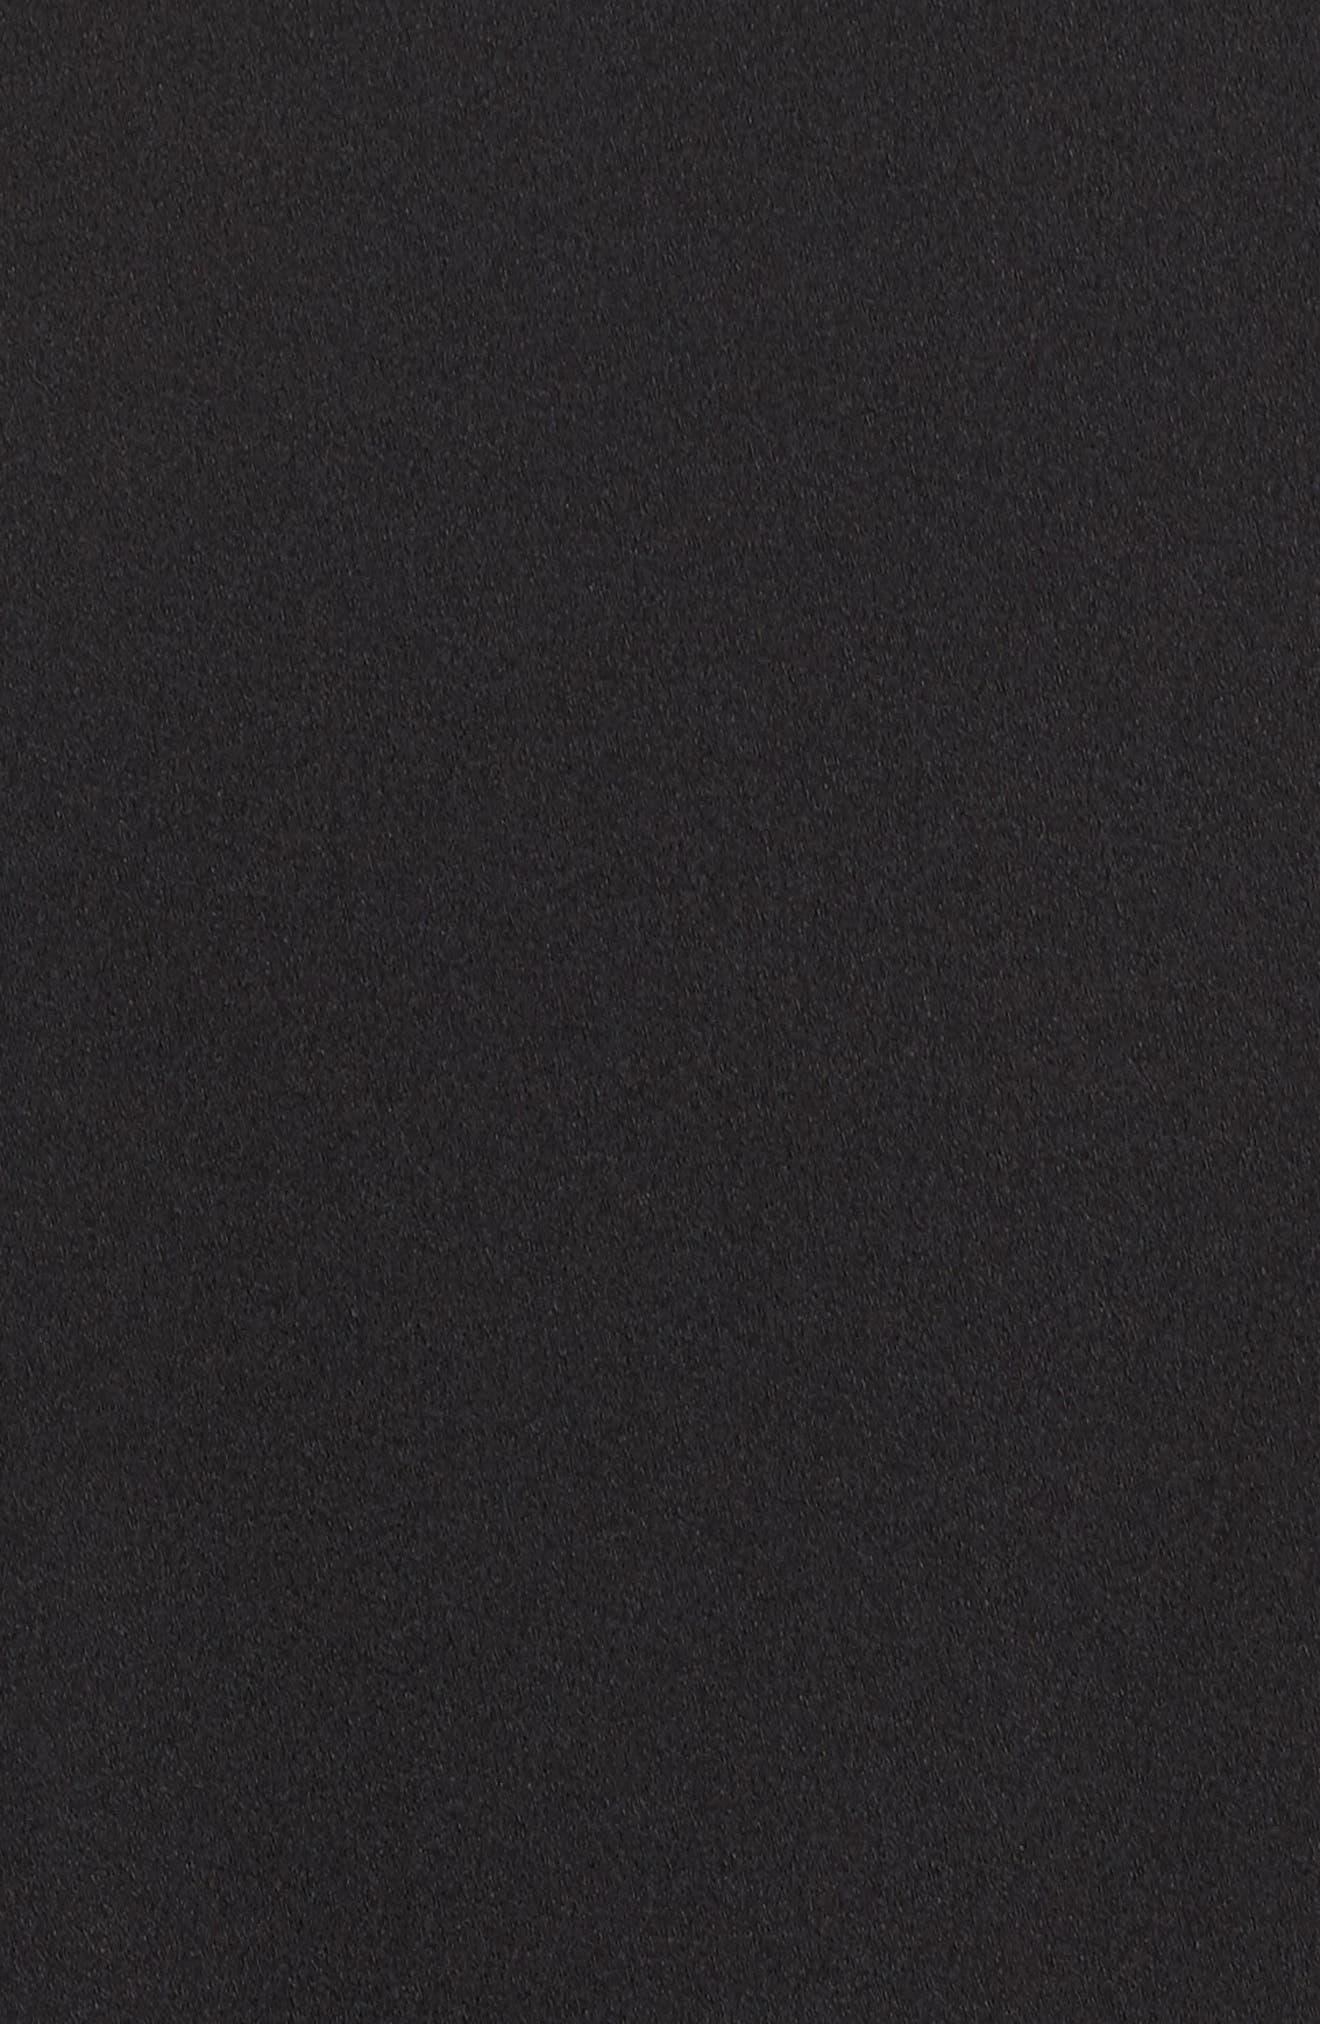 Crepe Drop Waist Dress,                             Alternate thumbnail 5, color,                             Black